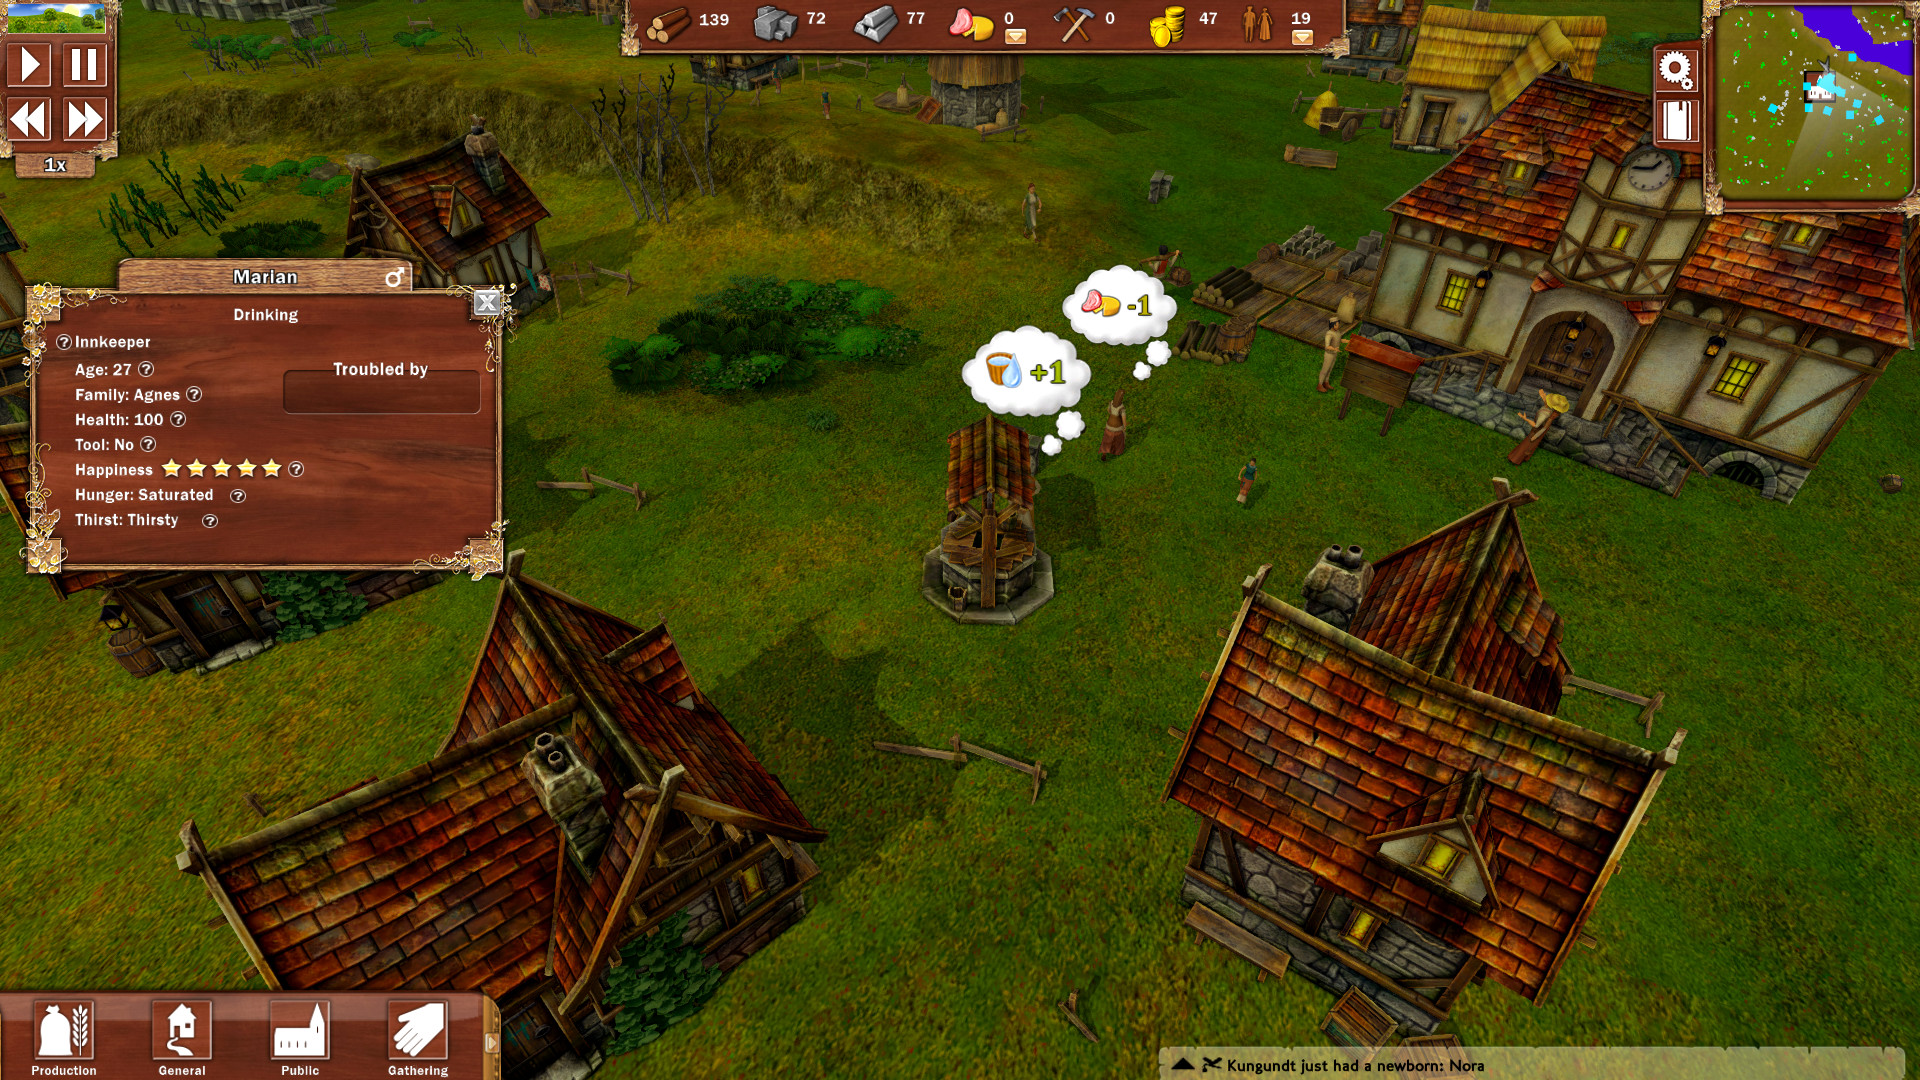 Villagers Screenshot 2